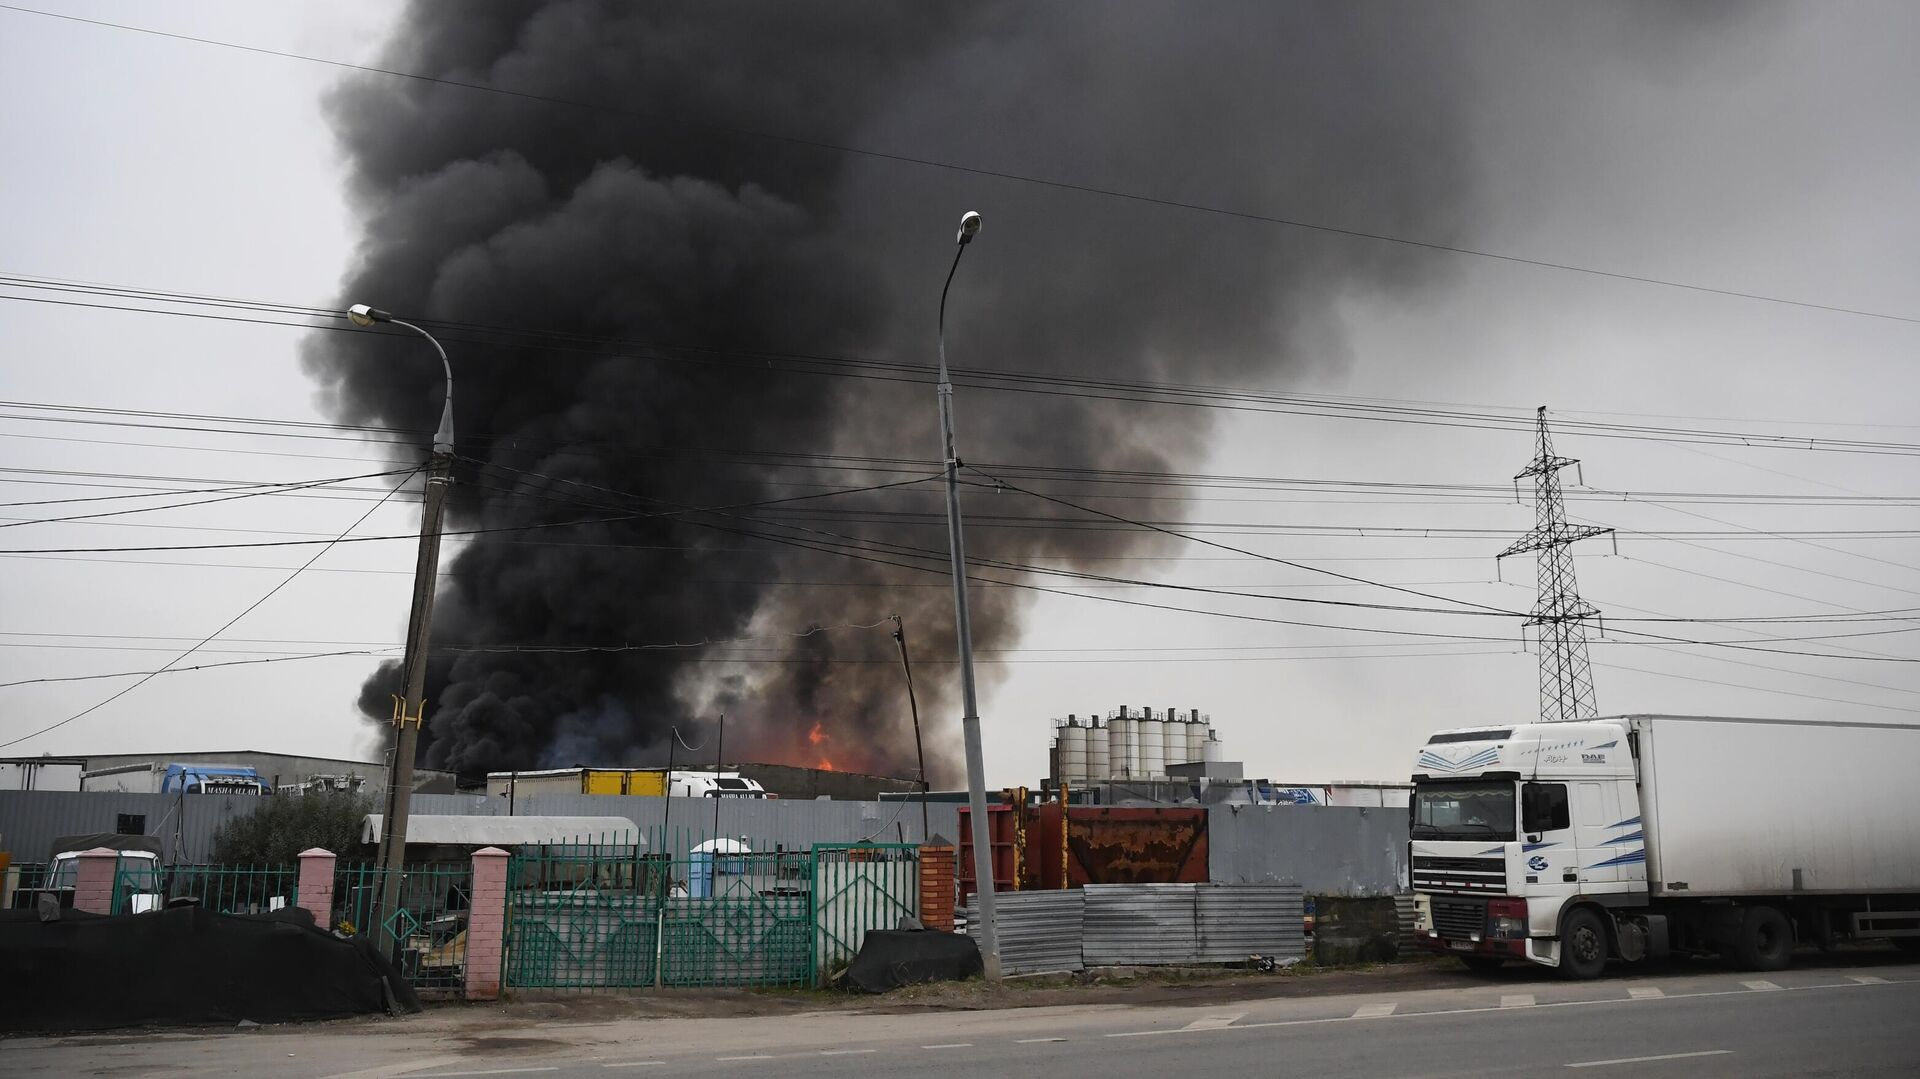 Пожар на складе со стройматериалами в Новой Москве - РИА Новости, 1920, 01.10.2021